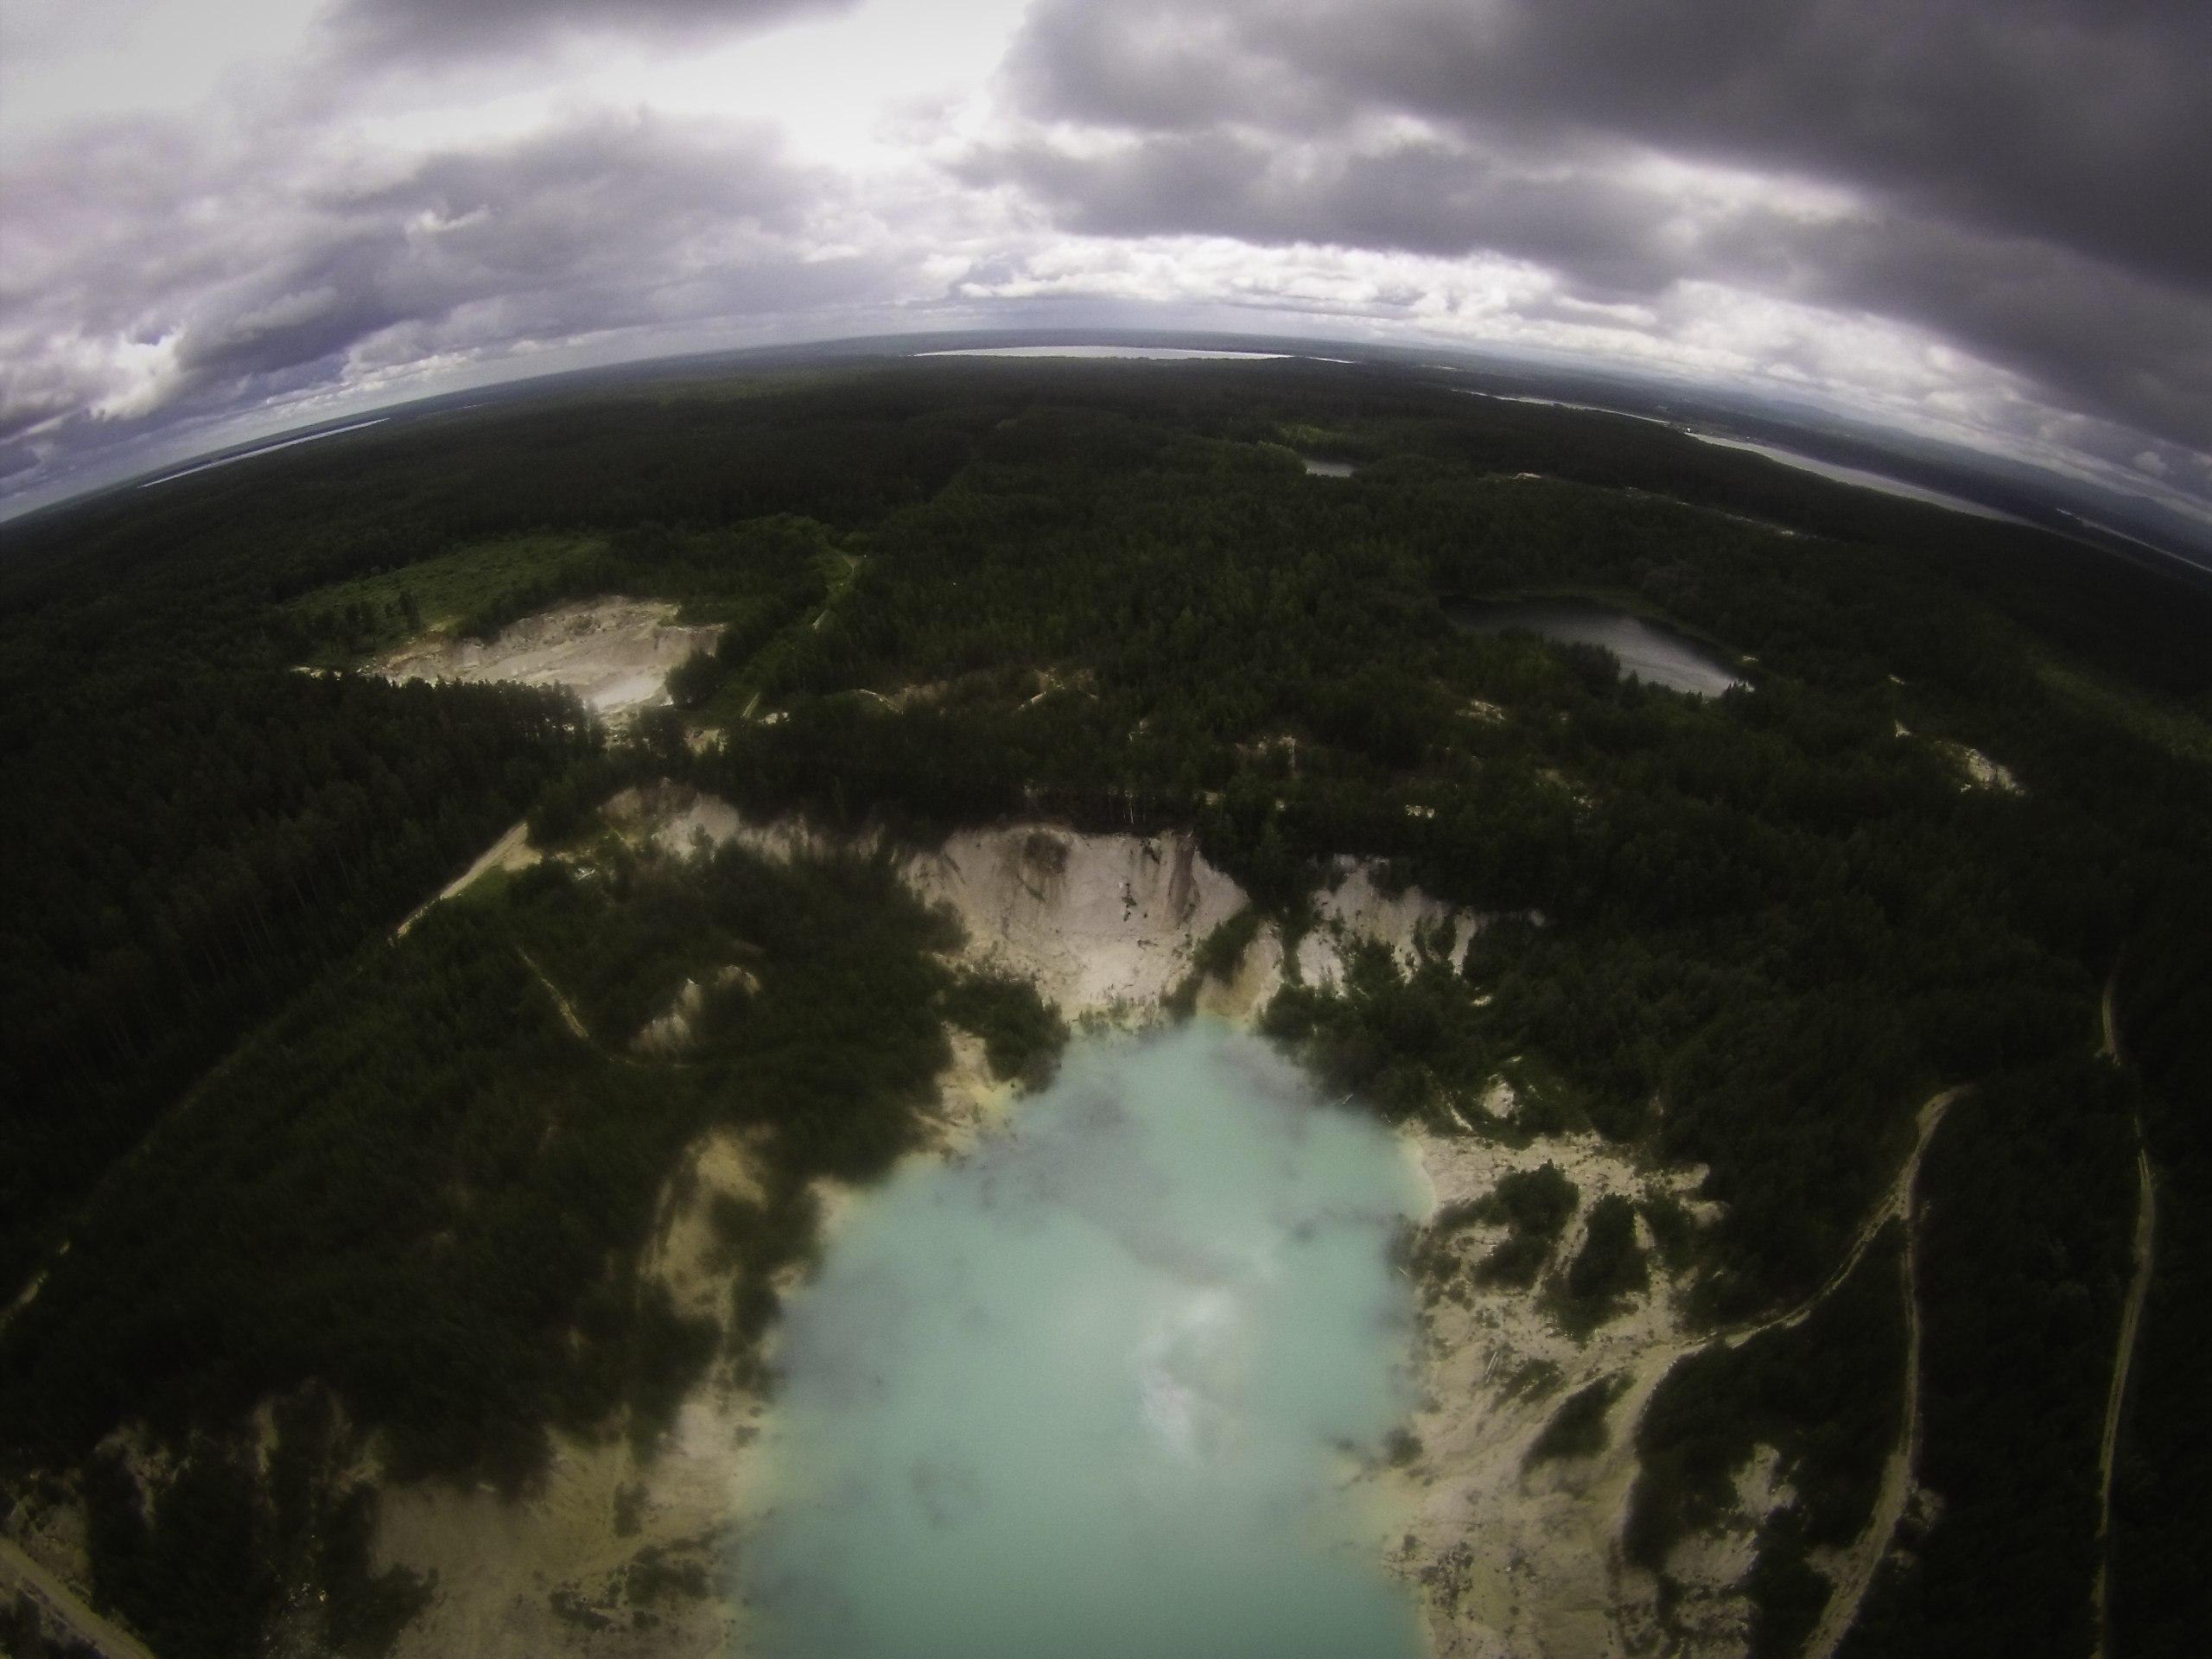 Каолиновый карьер с высоты птичьего полета (15.06.2015)